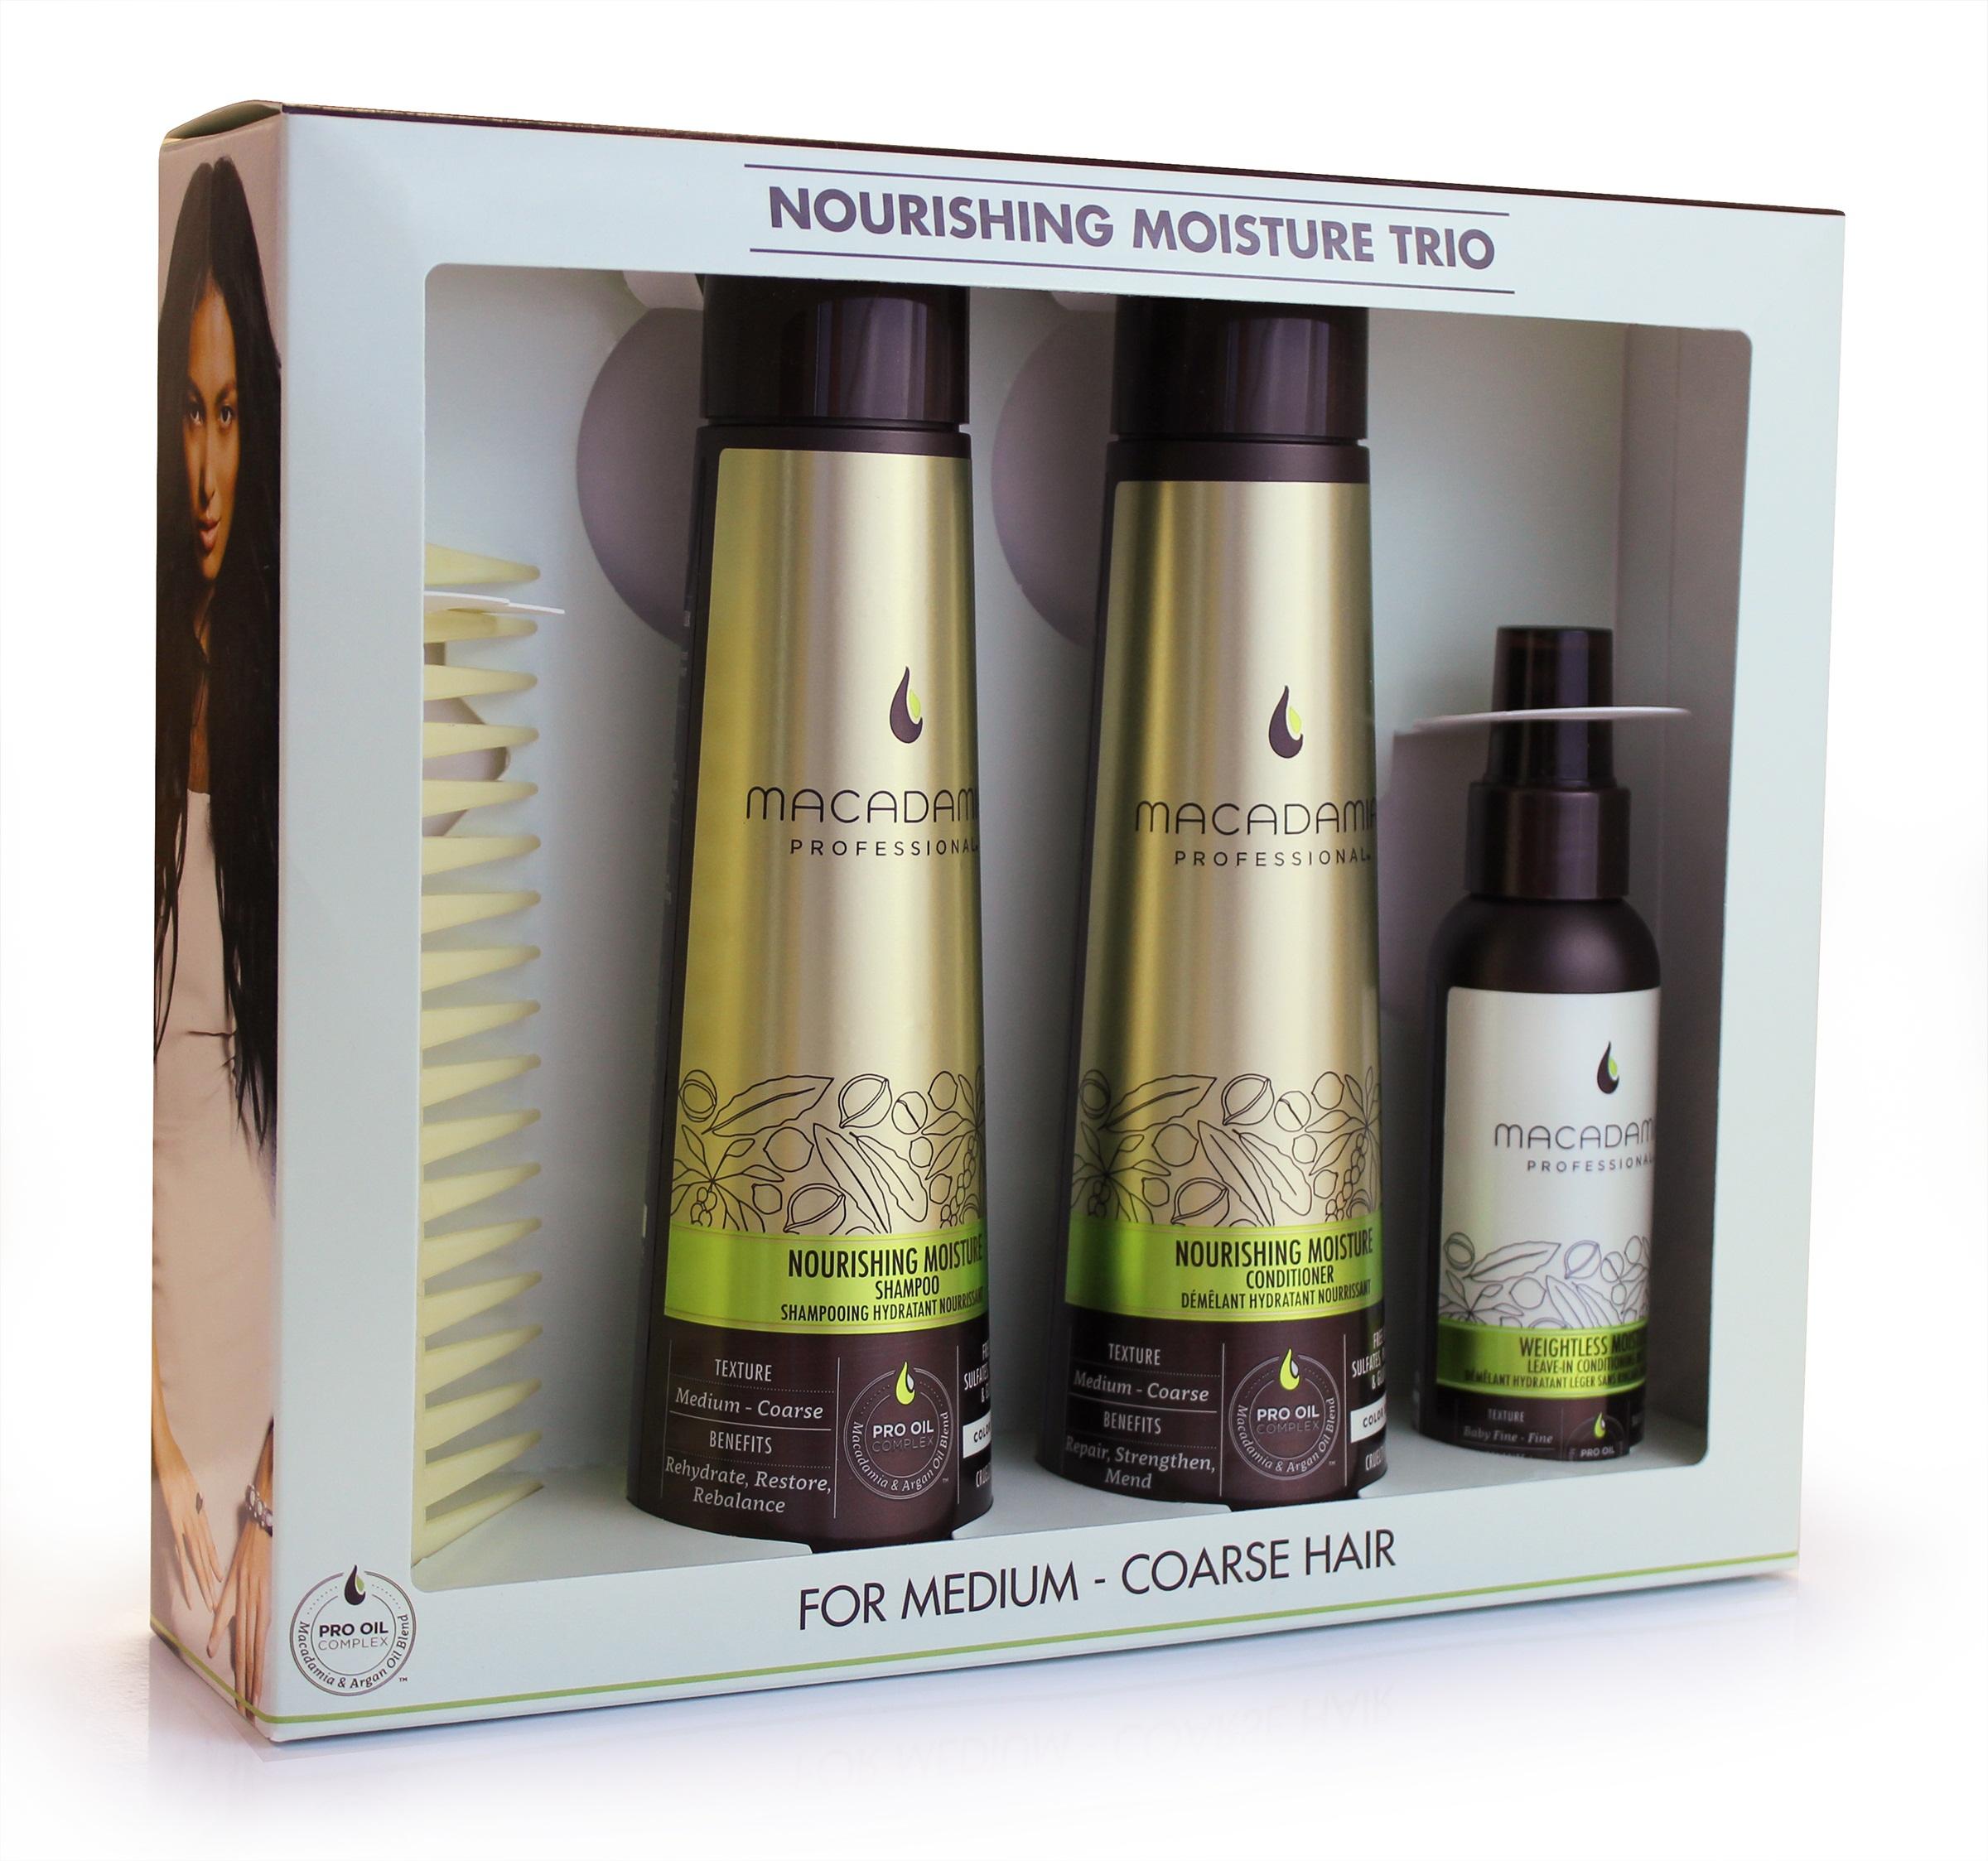 MACADAMIA PROFESSIONAL Набор для всех типов волос (шампунь питательный 300мл + кондиционер питательный 300мл + спрей кондиционер 100мл + гребень) чартер для всех